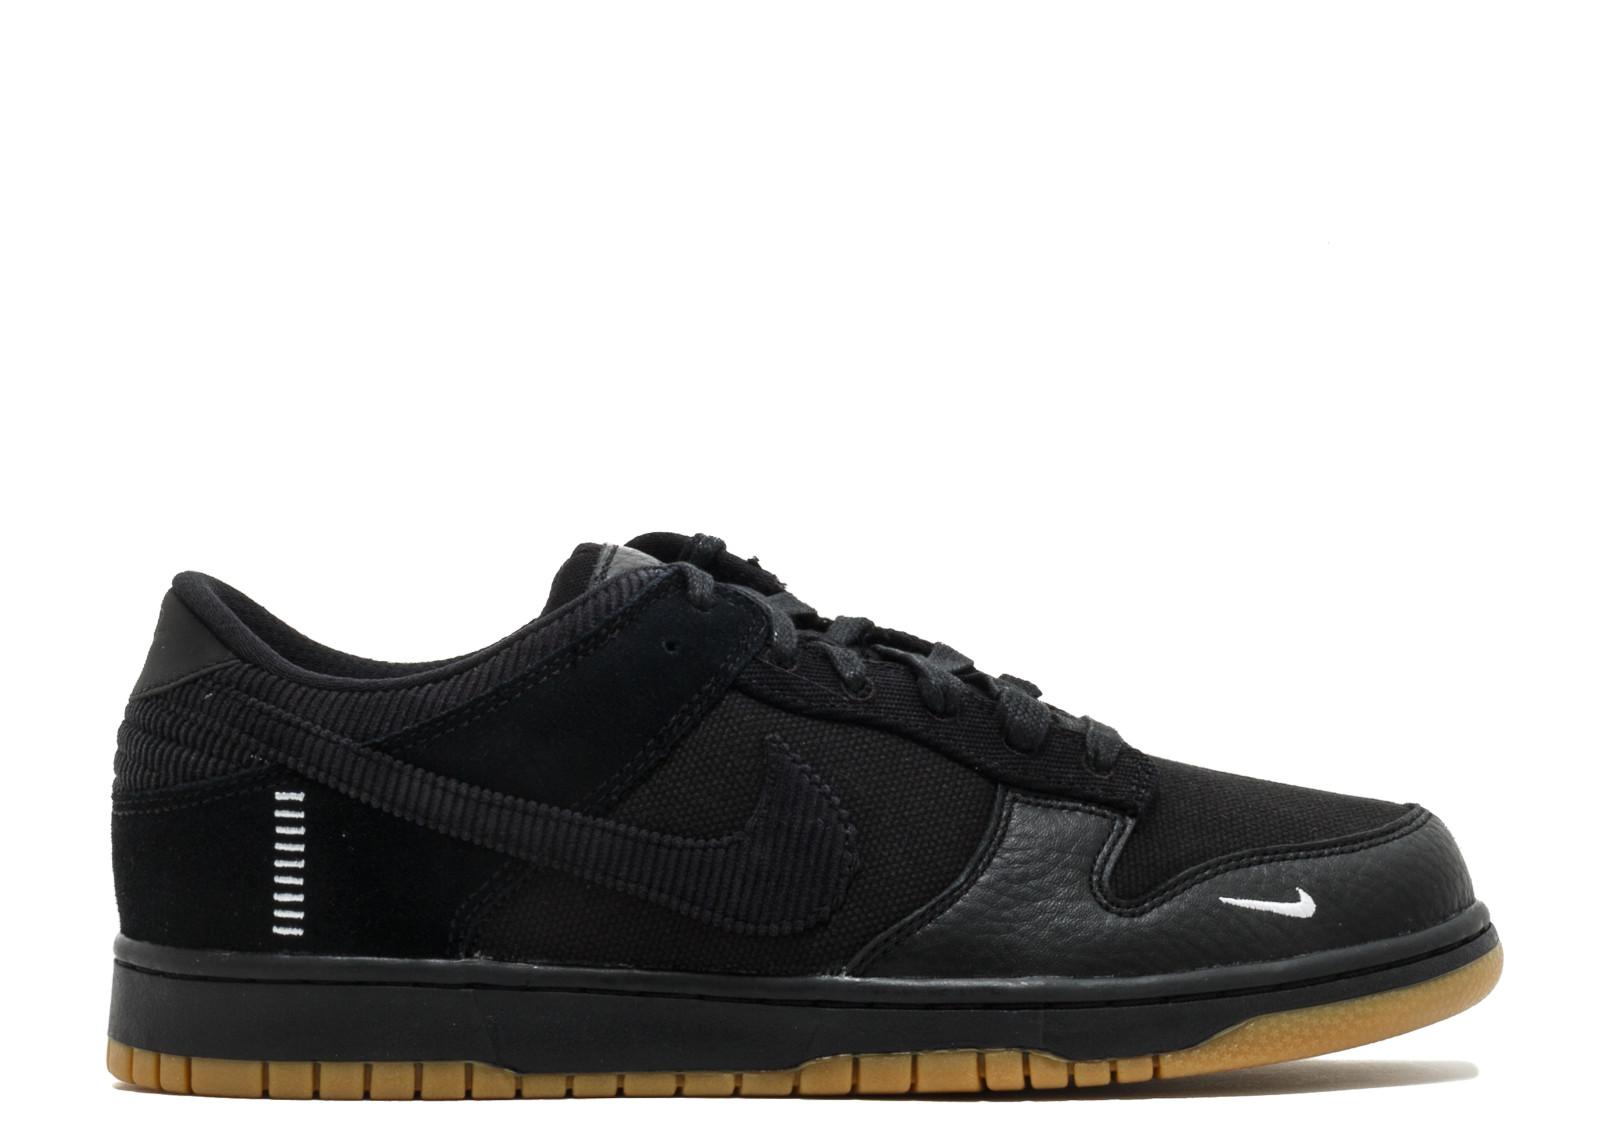 ナイキ ダンク ロー ベースメント メンズ 男性用 スニーカー 靴 メンズ靴 【 NIKE DUNK LOW BSMNT QS BASEMENT BLACK BLACKBLACK 】